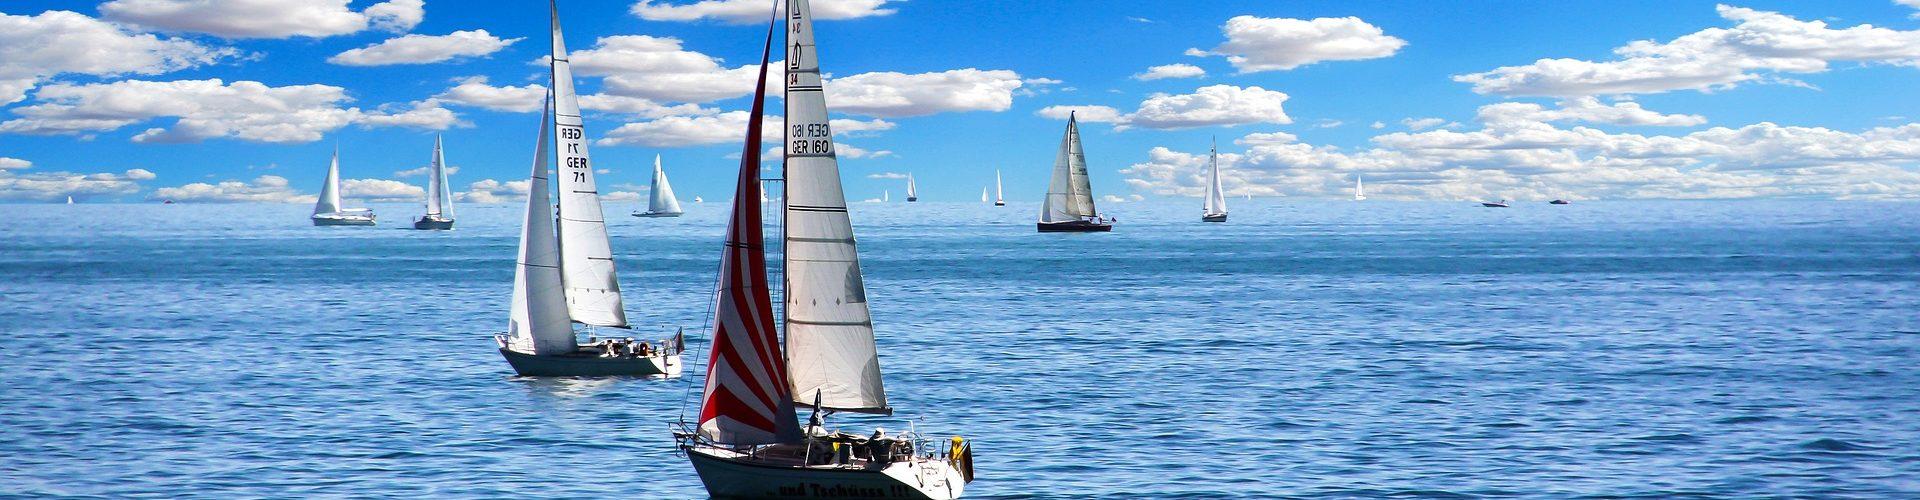 segeln lernen in Ludwigshafen am Rhein segelschein machen in Ludwigshafen am Rhein 1920x500 - Segeln lernen in Ludwigshafen am Rhein